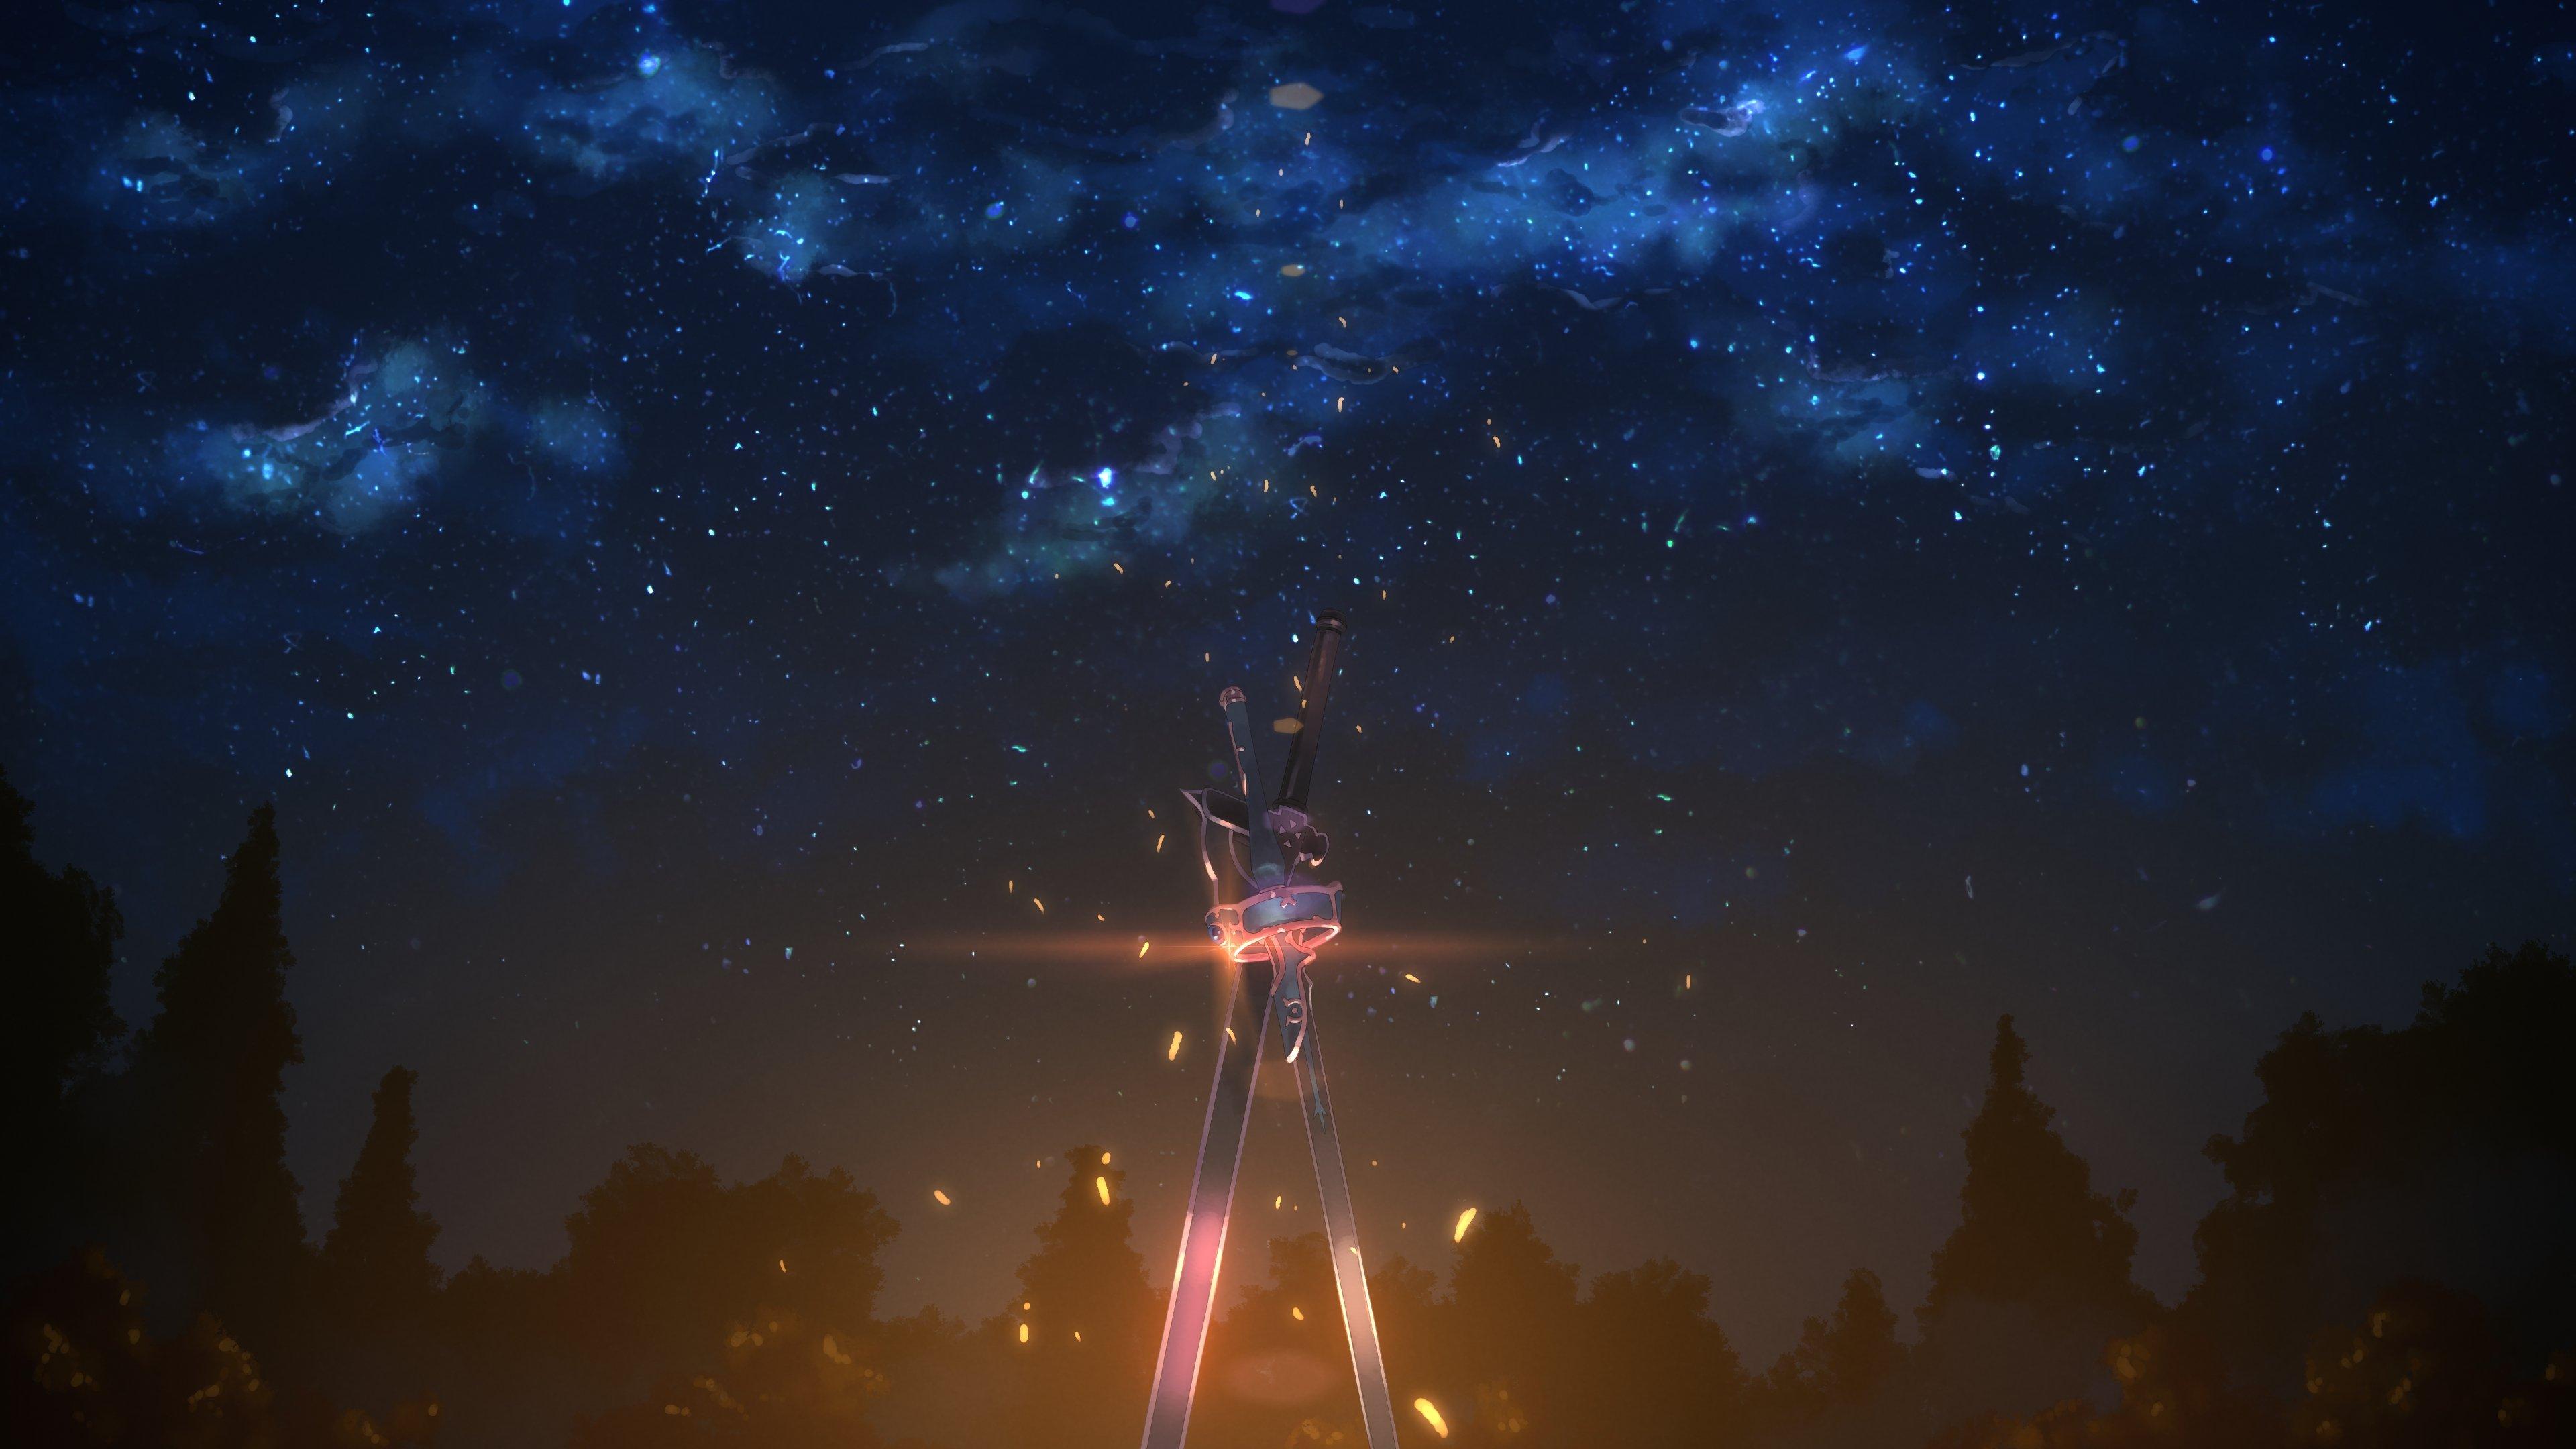 Fondos de pantalla Kirito and Asuna's sword